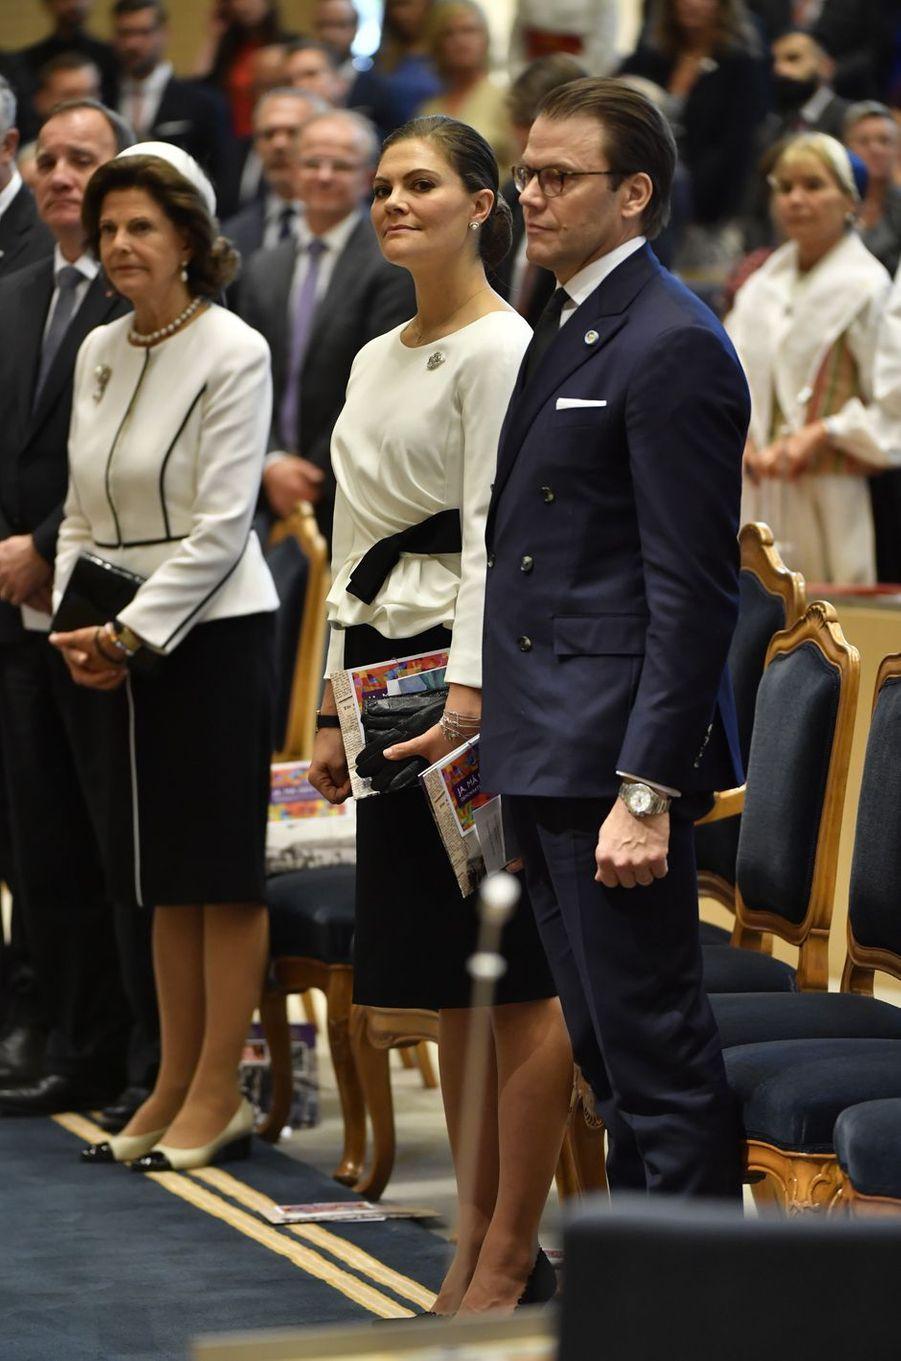 La reine Silvia, la princesse Victoria et le prince Daniel de Suède à Stockholm, le 25 septembre 2018